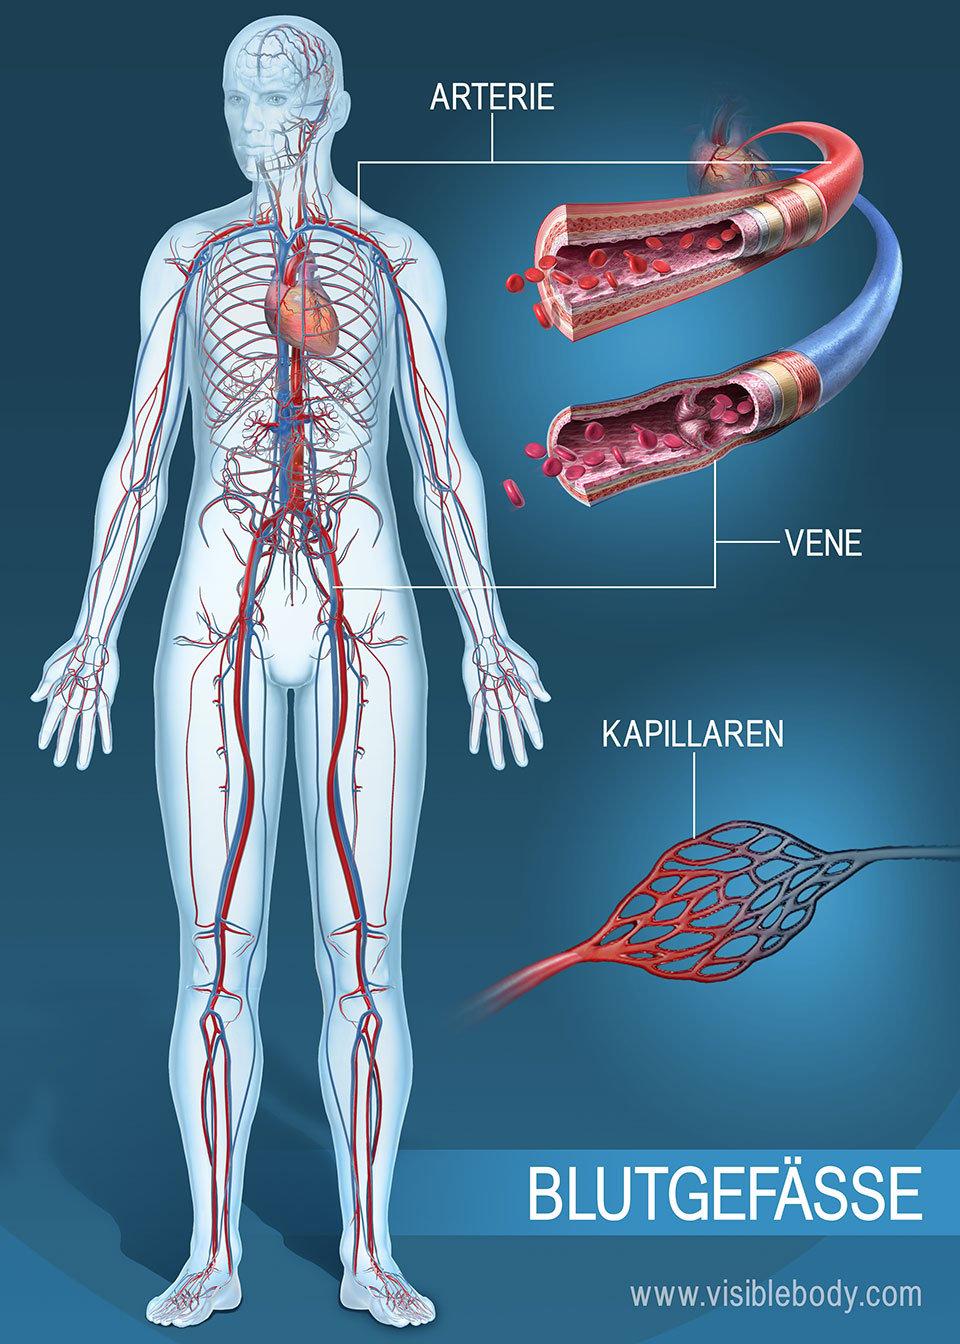 Das überall im Körper vorliegende Gefäßnetz der Arterien, Venen und Kapillaren